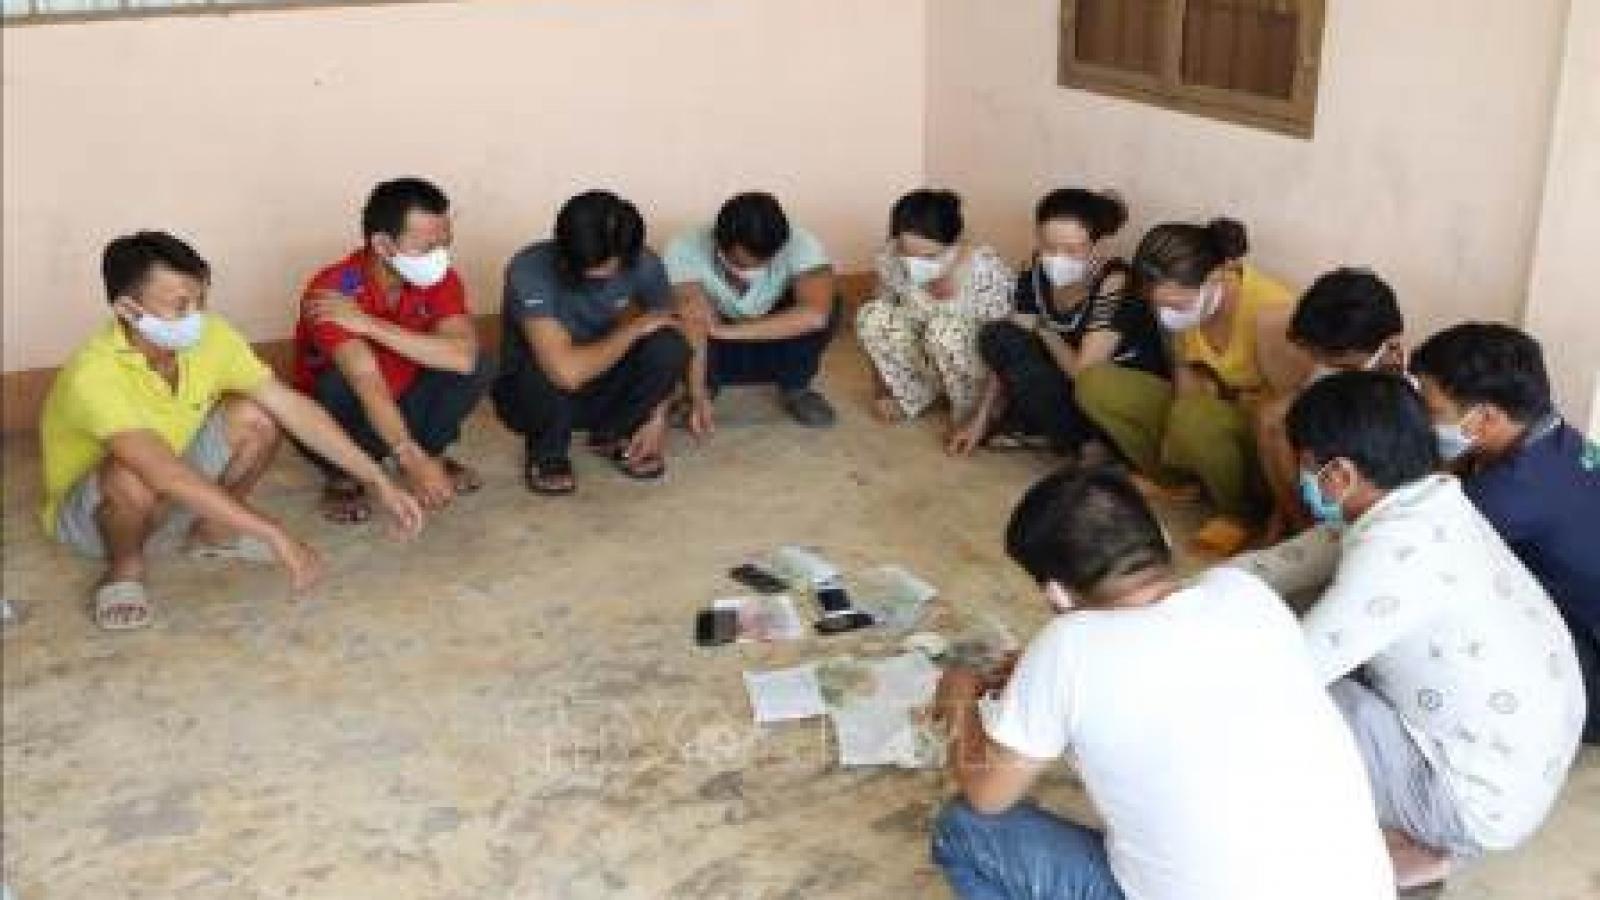 Tạm giữ hình sự 11 người tham gia đánh bạc ở Tây Ninh